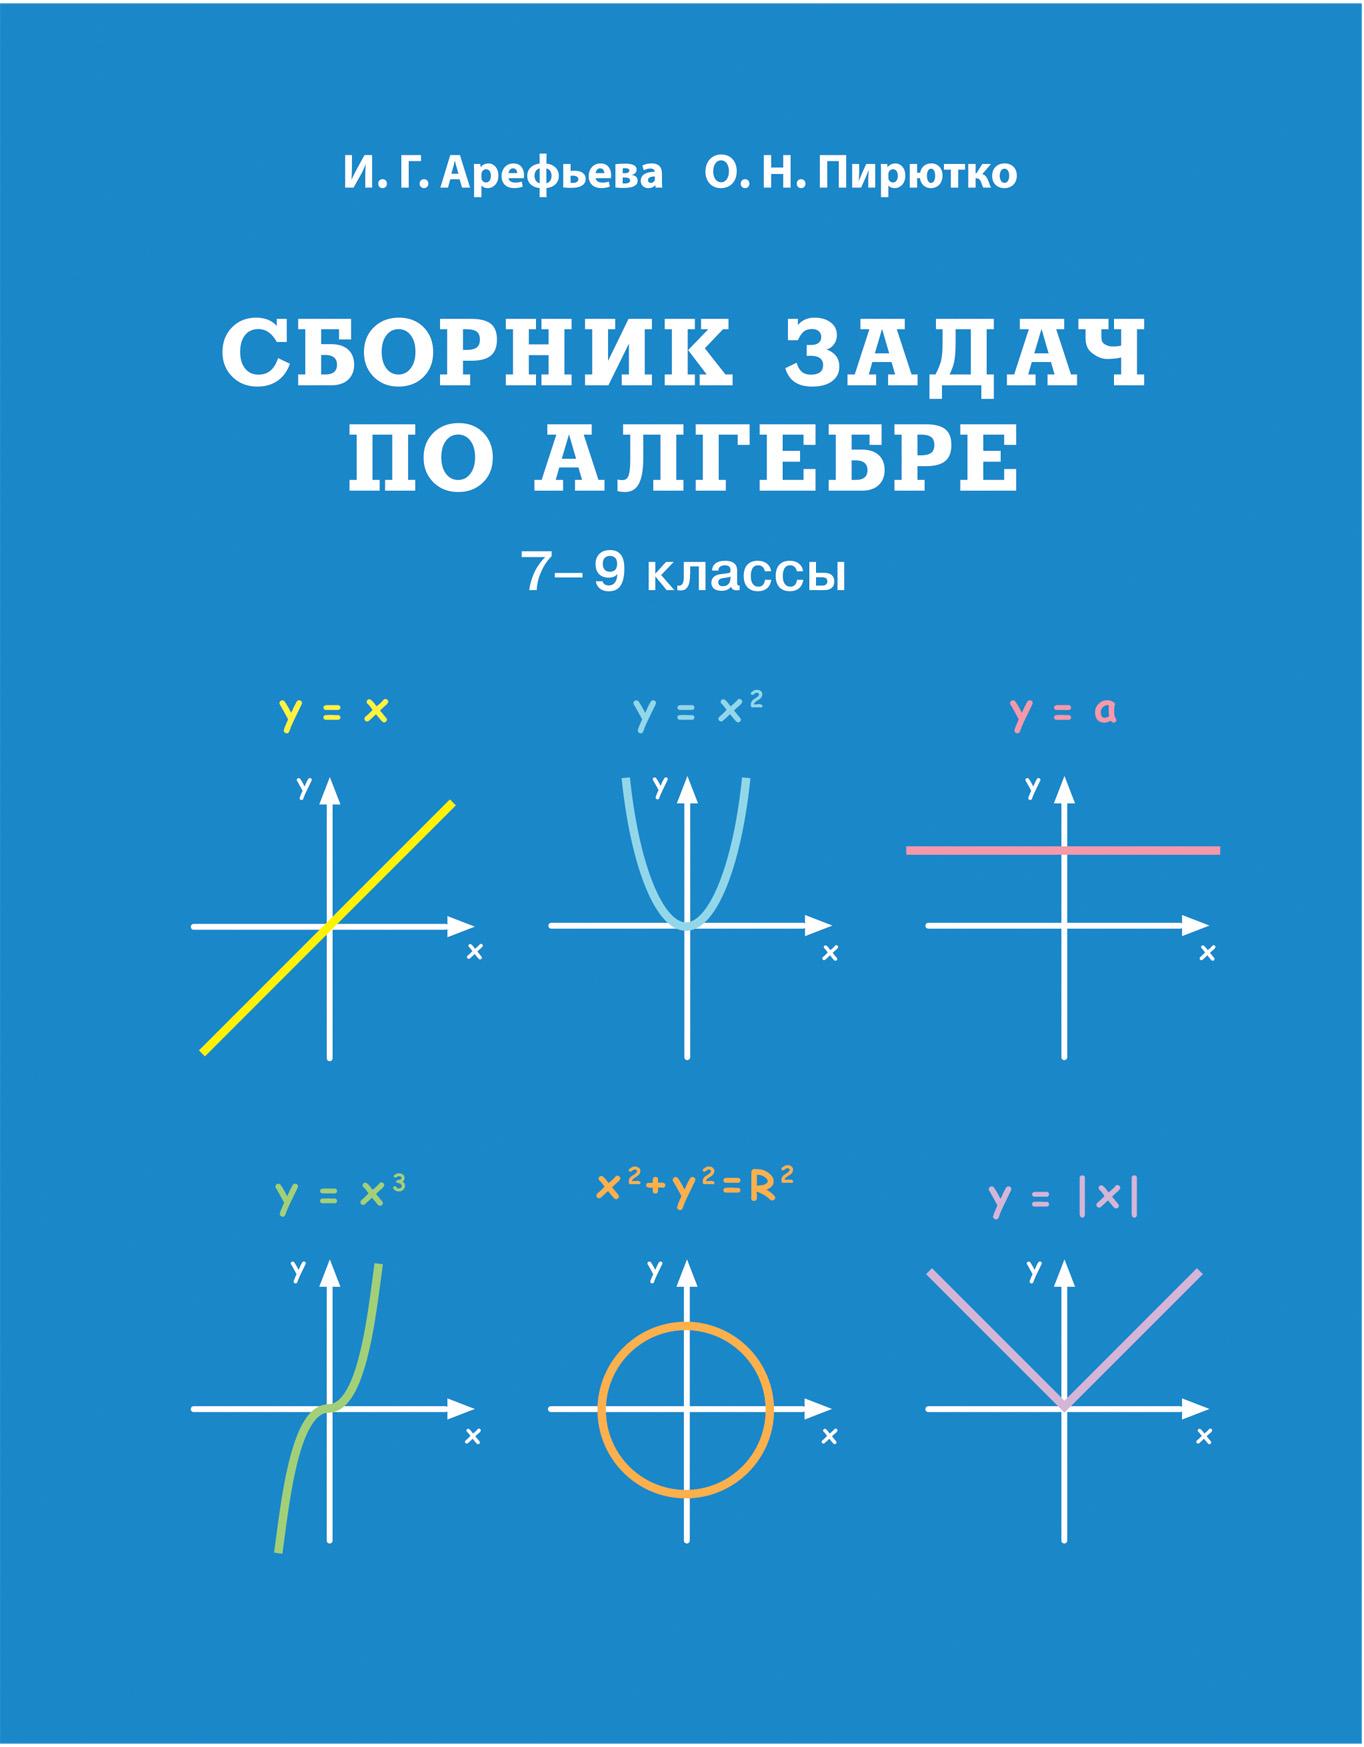 Сборник задач по алгебре, 7-9 классы